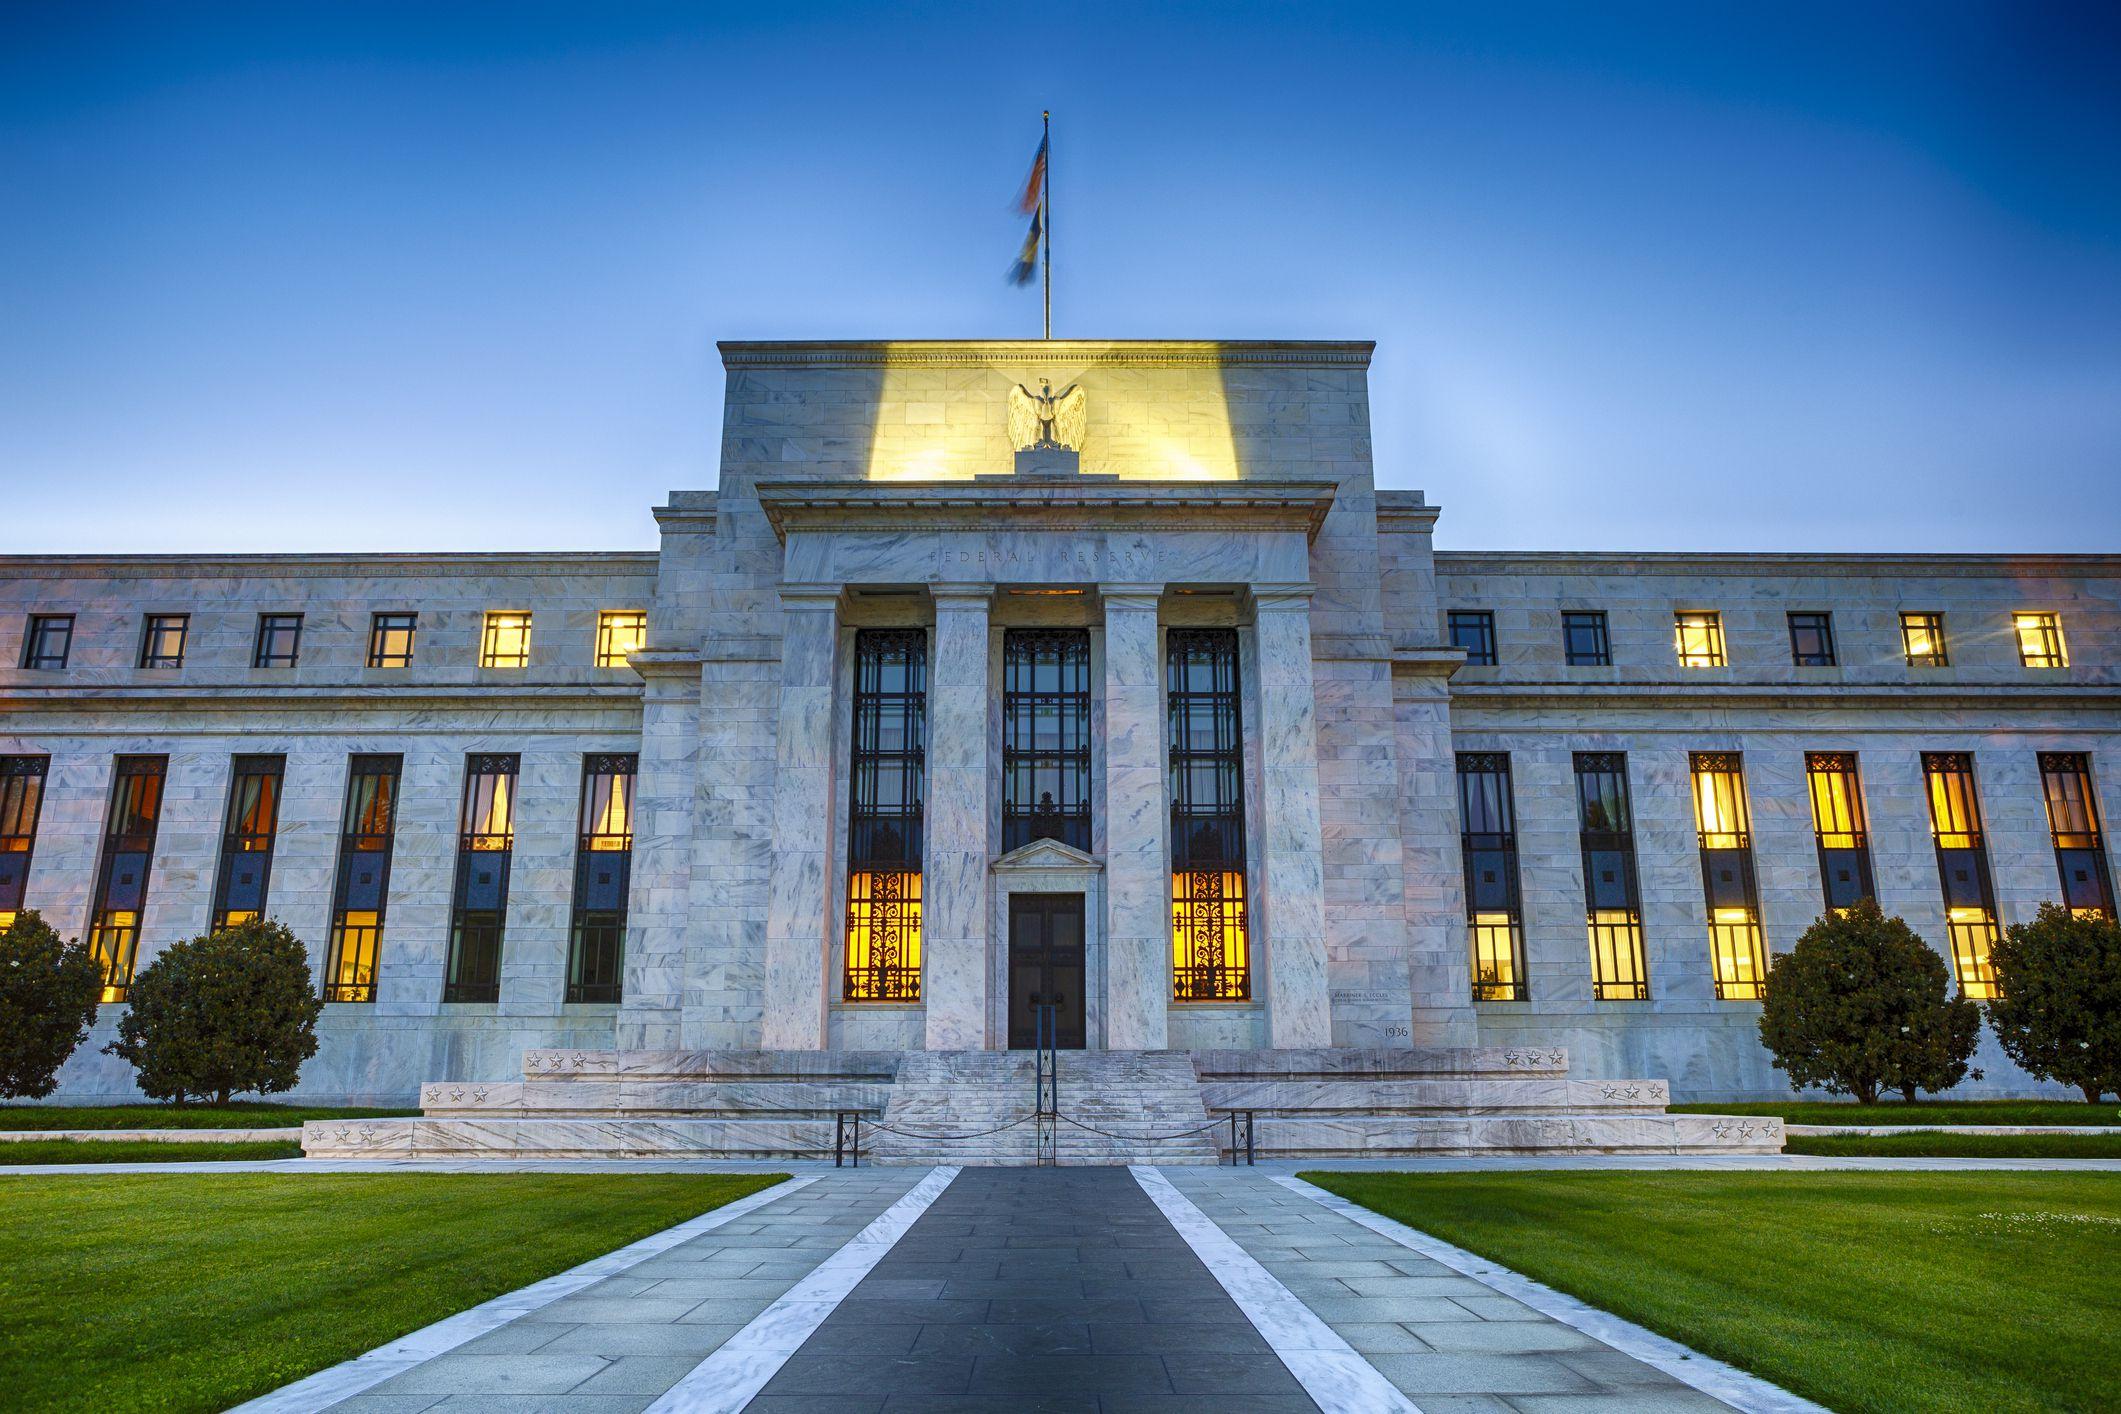 Ο Ηλίας Καραβόλιας σημειώνει ότι η άνευ προηγουμένου παροχή ρευστότητας που φέρνει ο νεοκρατισμός μοιάζει να απέχει από τα παραδοσιακά κευνσιανά εργαλεία οικονομικής πολιτικής. Περισσότερο προσομοιάζει με χρηματοδοτούμενη υπερανάληψη από τις αγορές, οι οποίες φαίνεται ότι προεξοφλούν μελλοντική ζήτηση. new deal